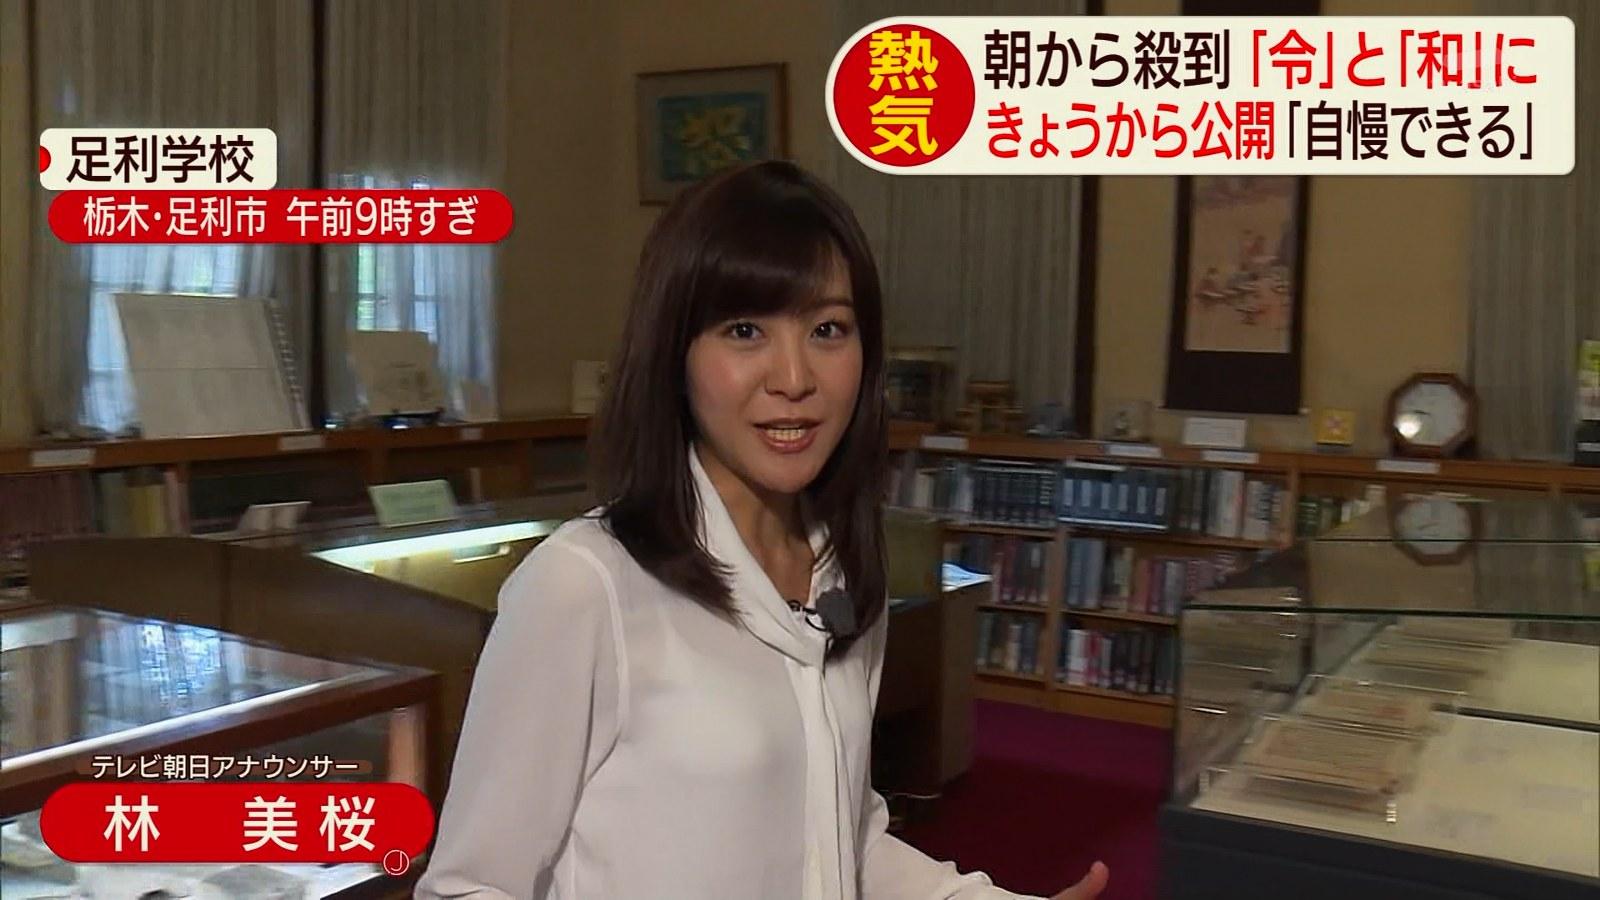 林美桜の画像 p1_31